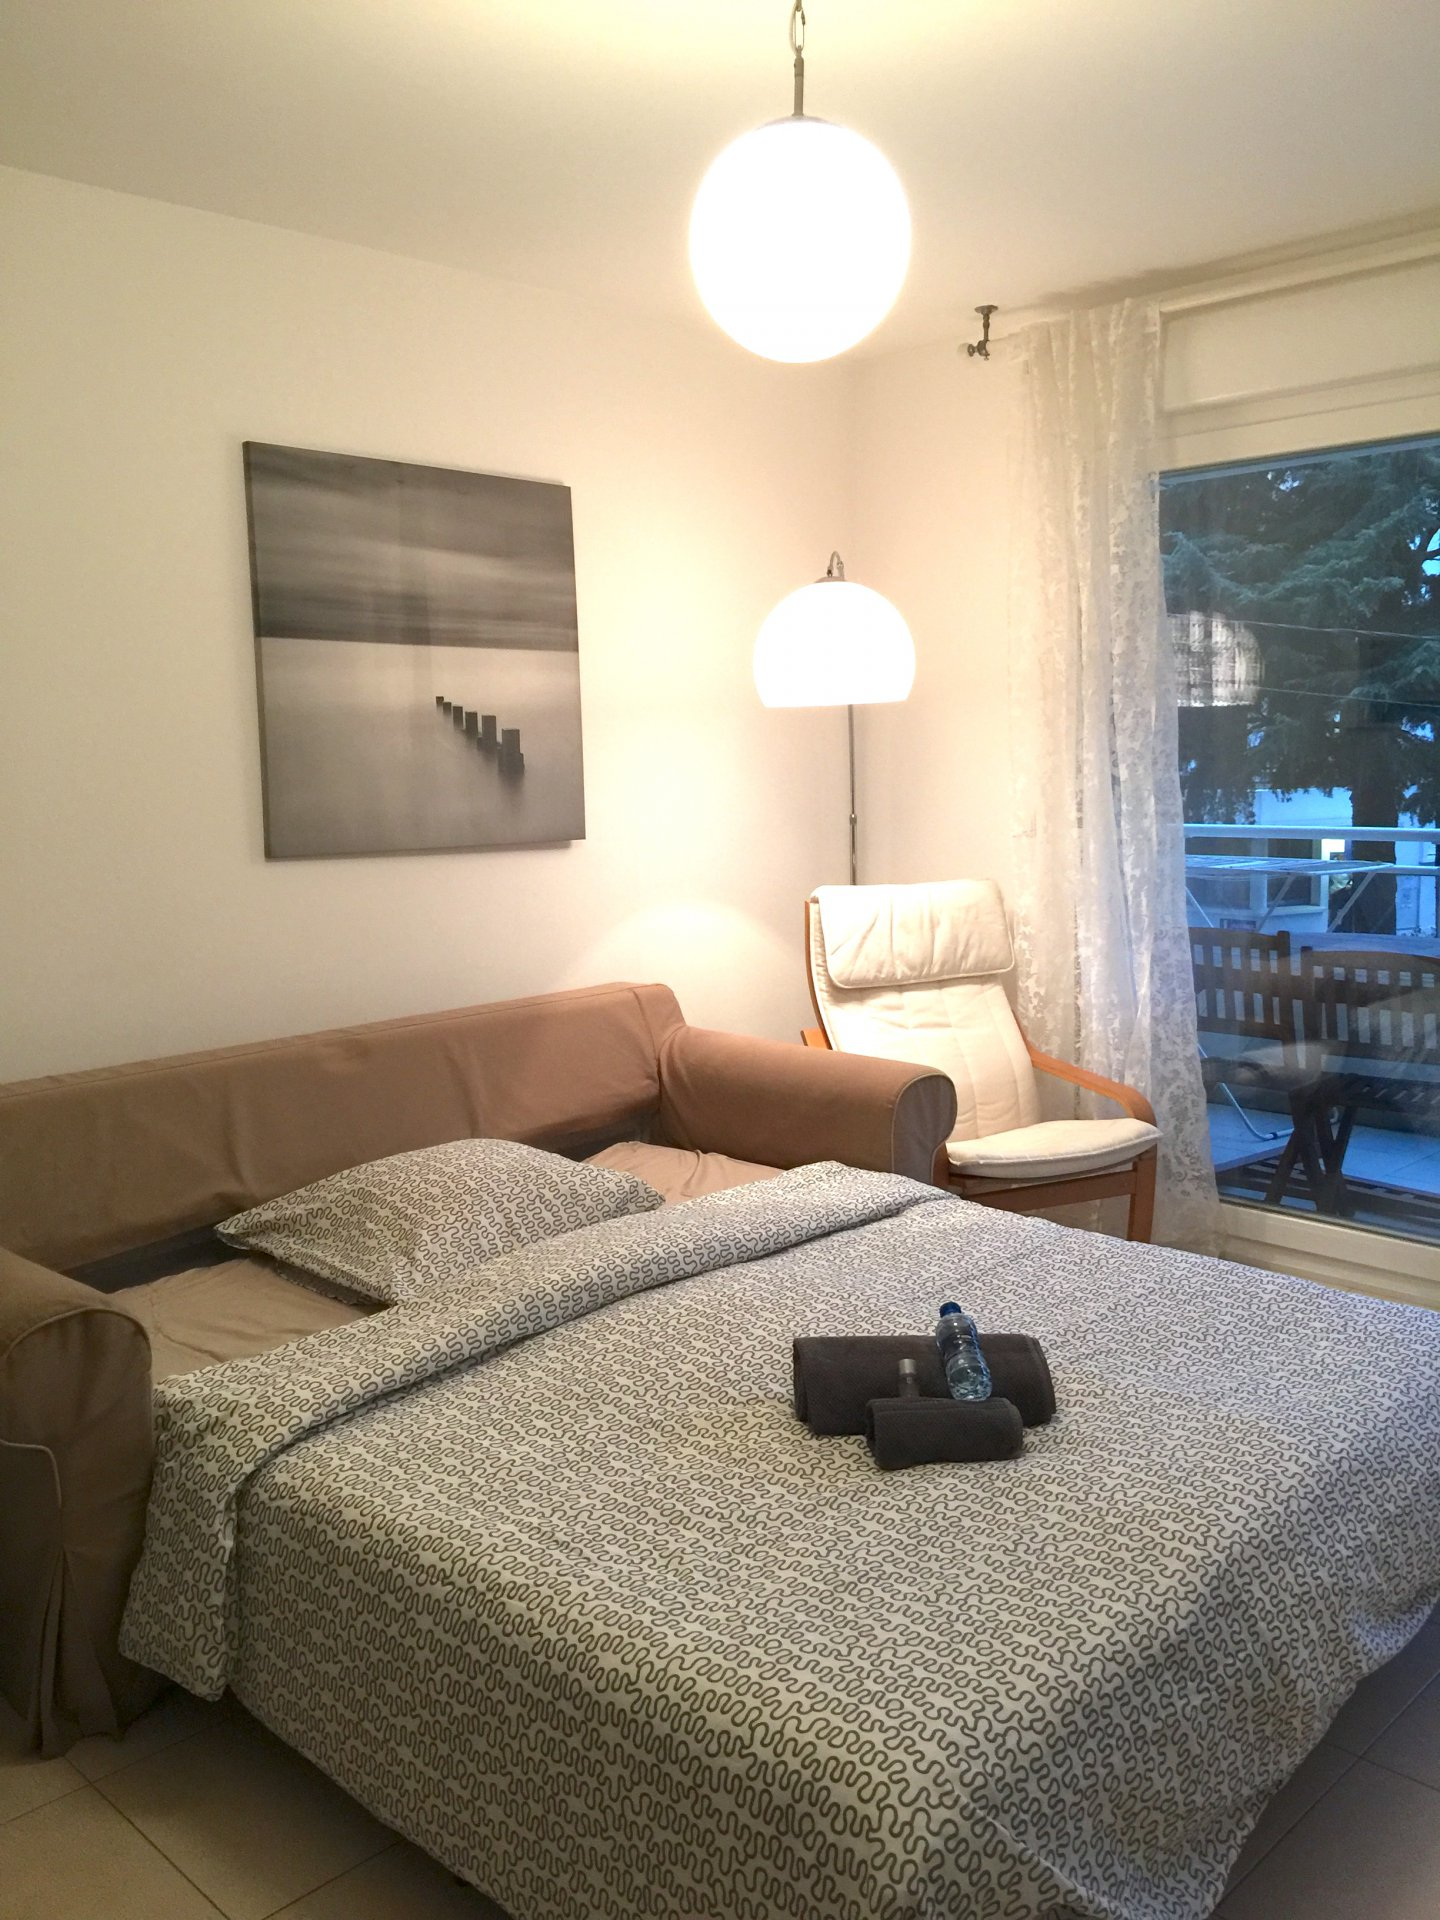 Affitto stagionale Appartamento - Cannes Saint-Nicolas